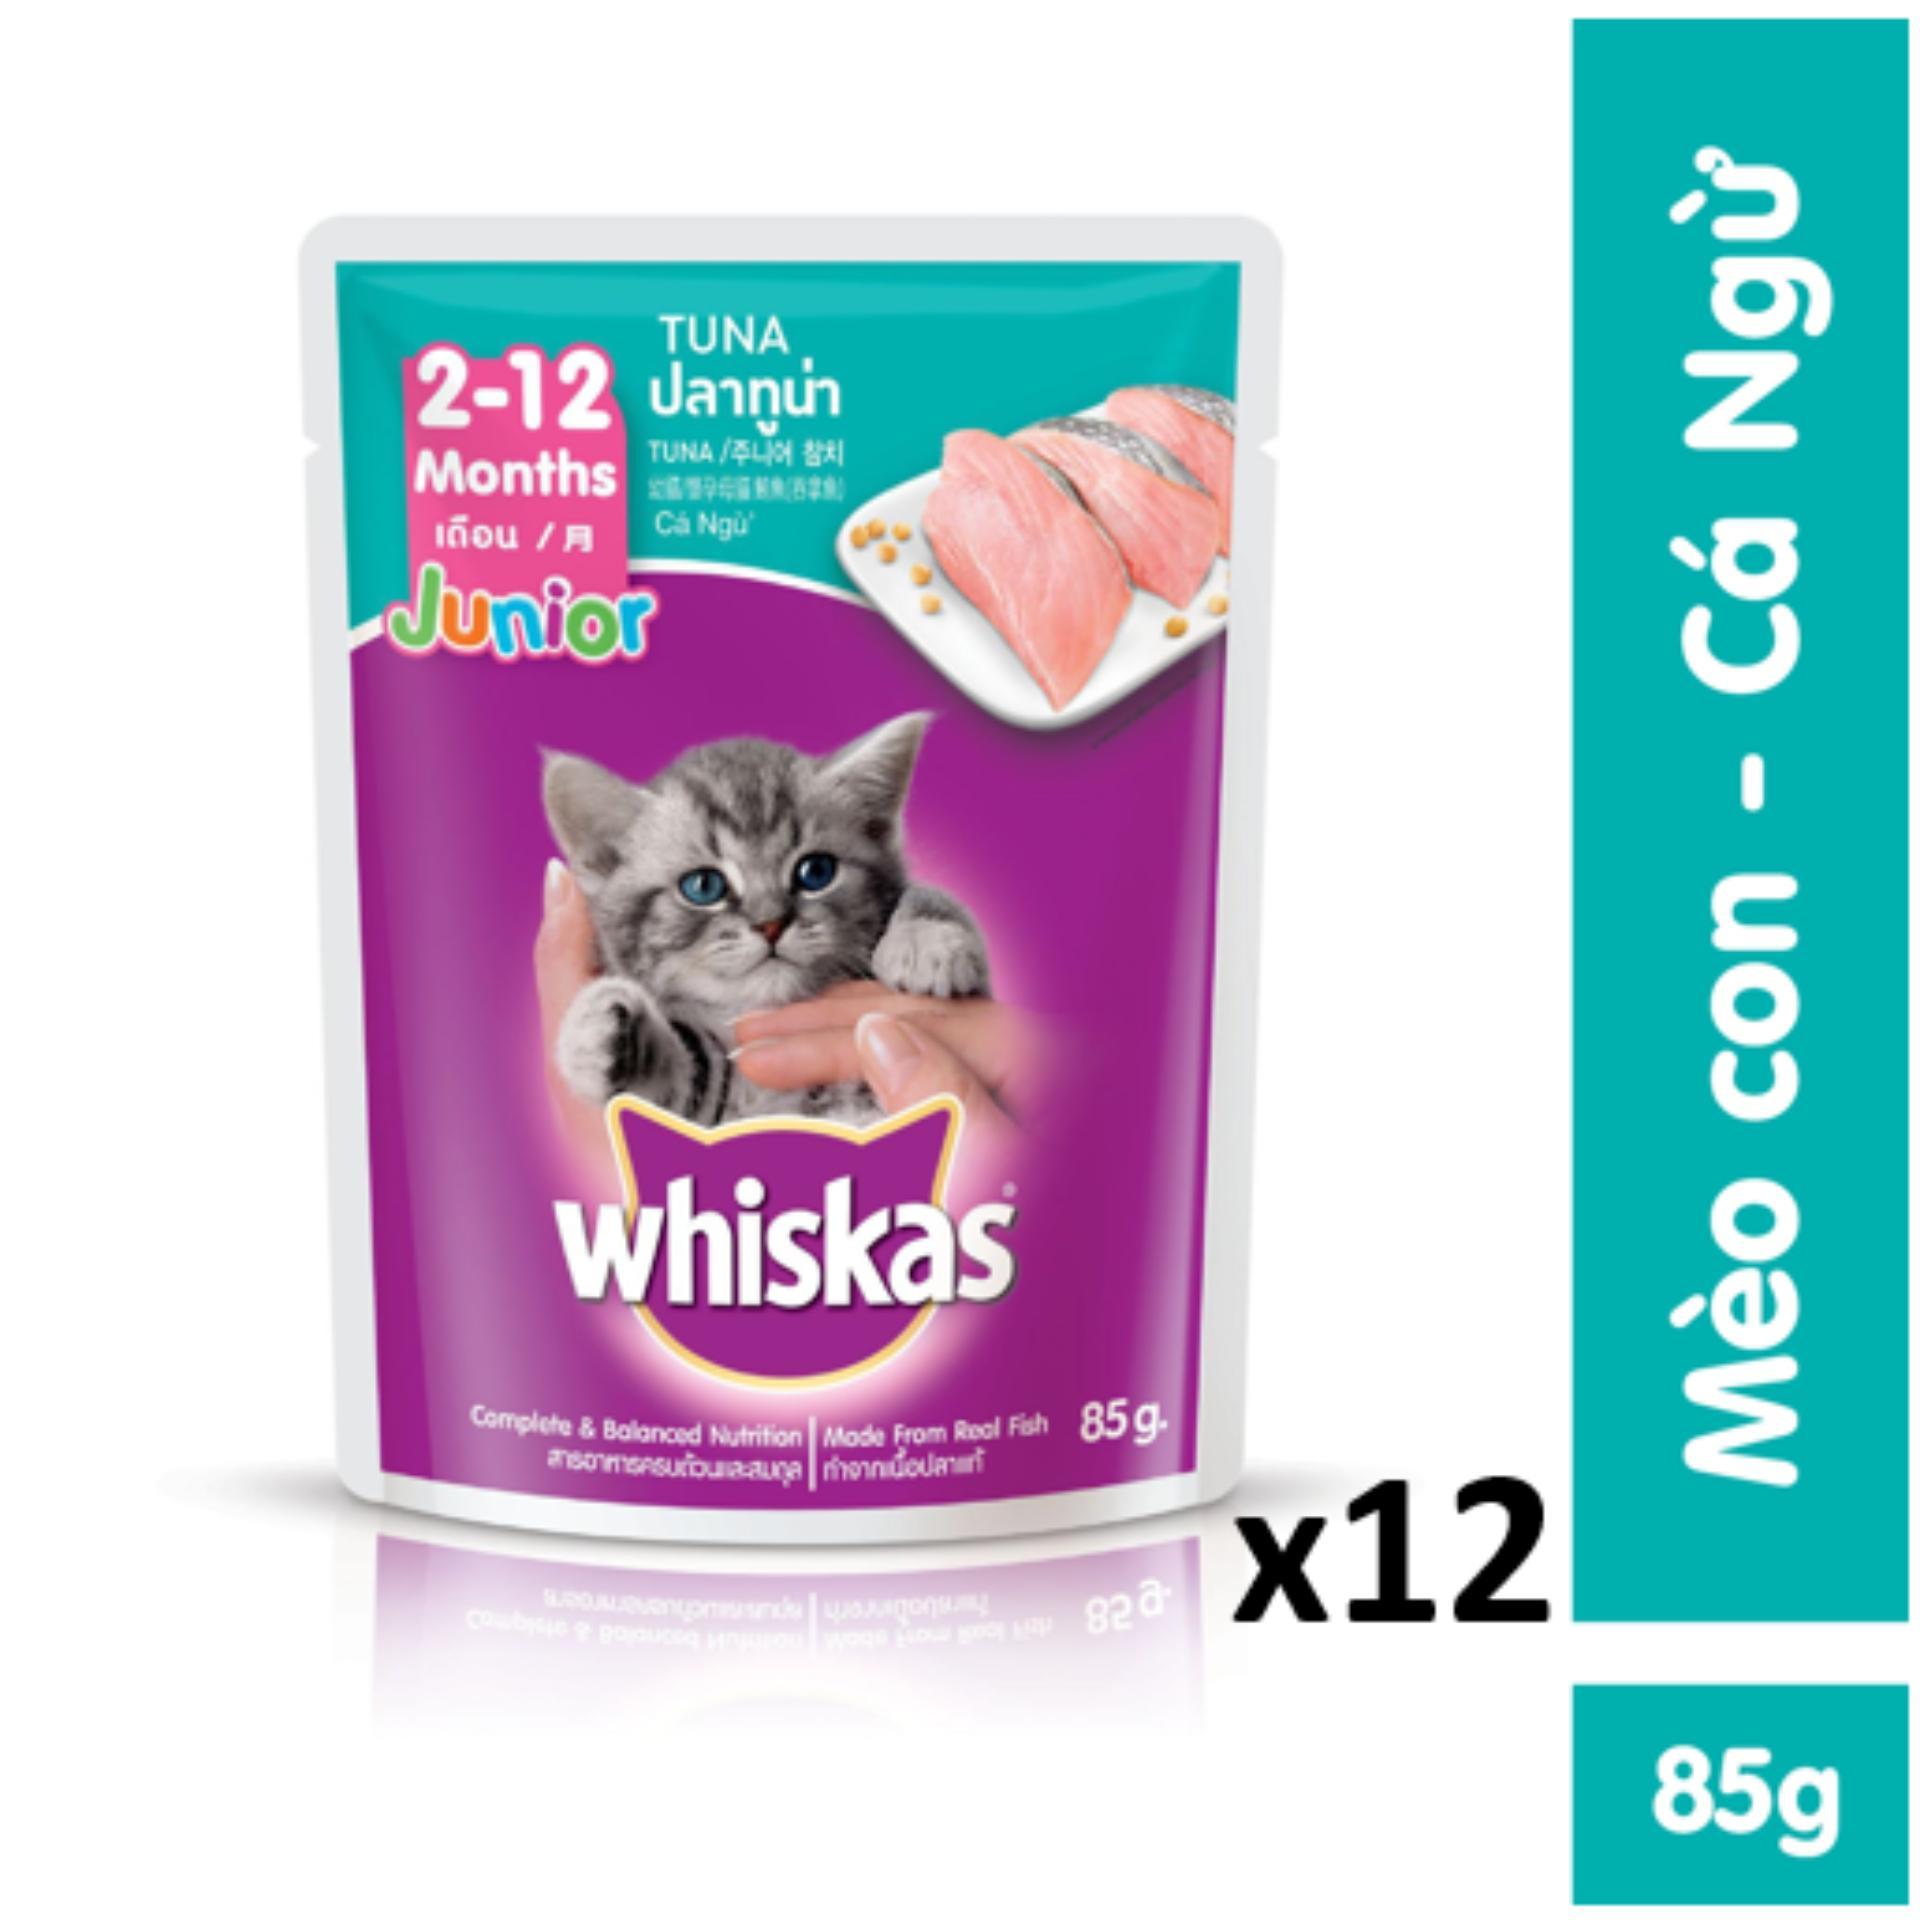 Bộ 12 Túi Thức ăn Mèo Con Vị Cá Ngừ 85g Đang Có Ưu Đãi